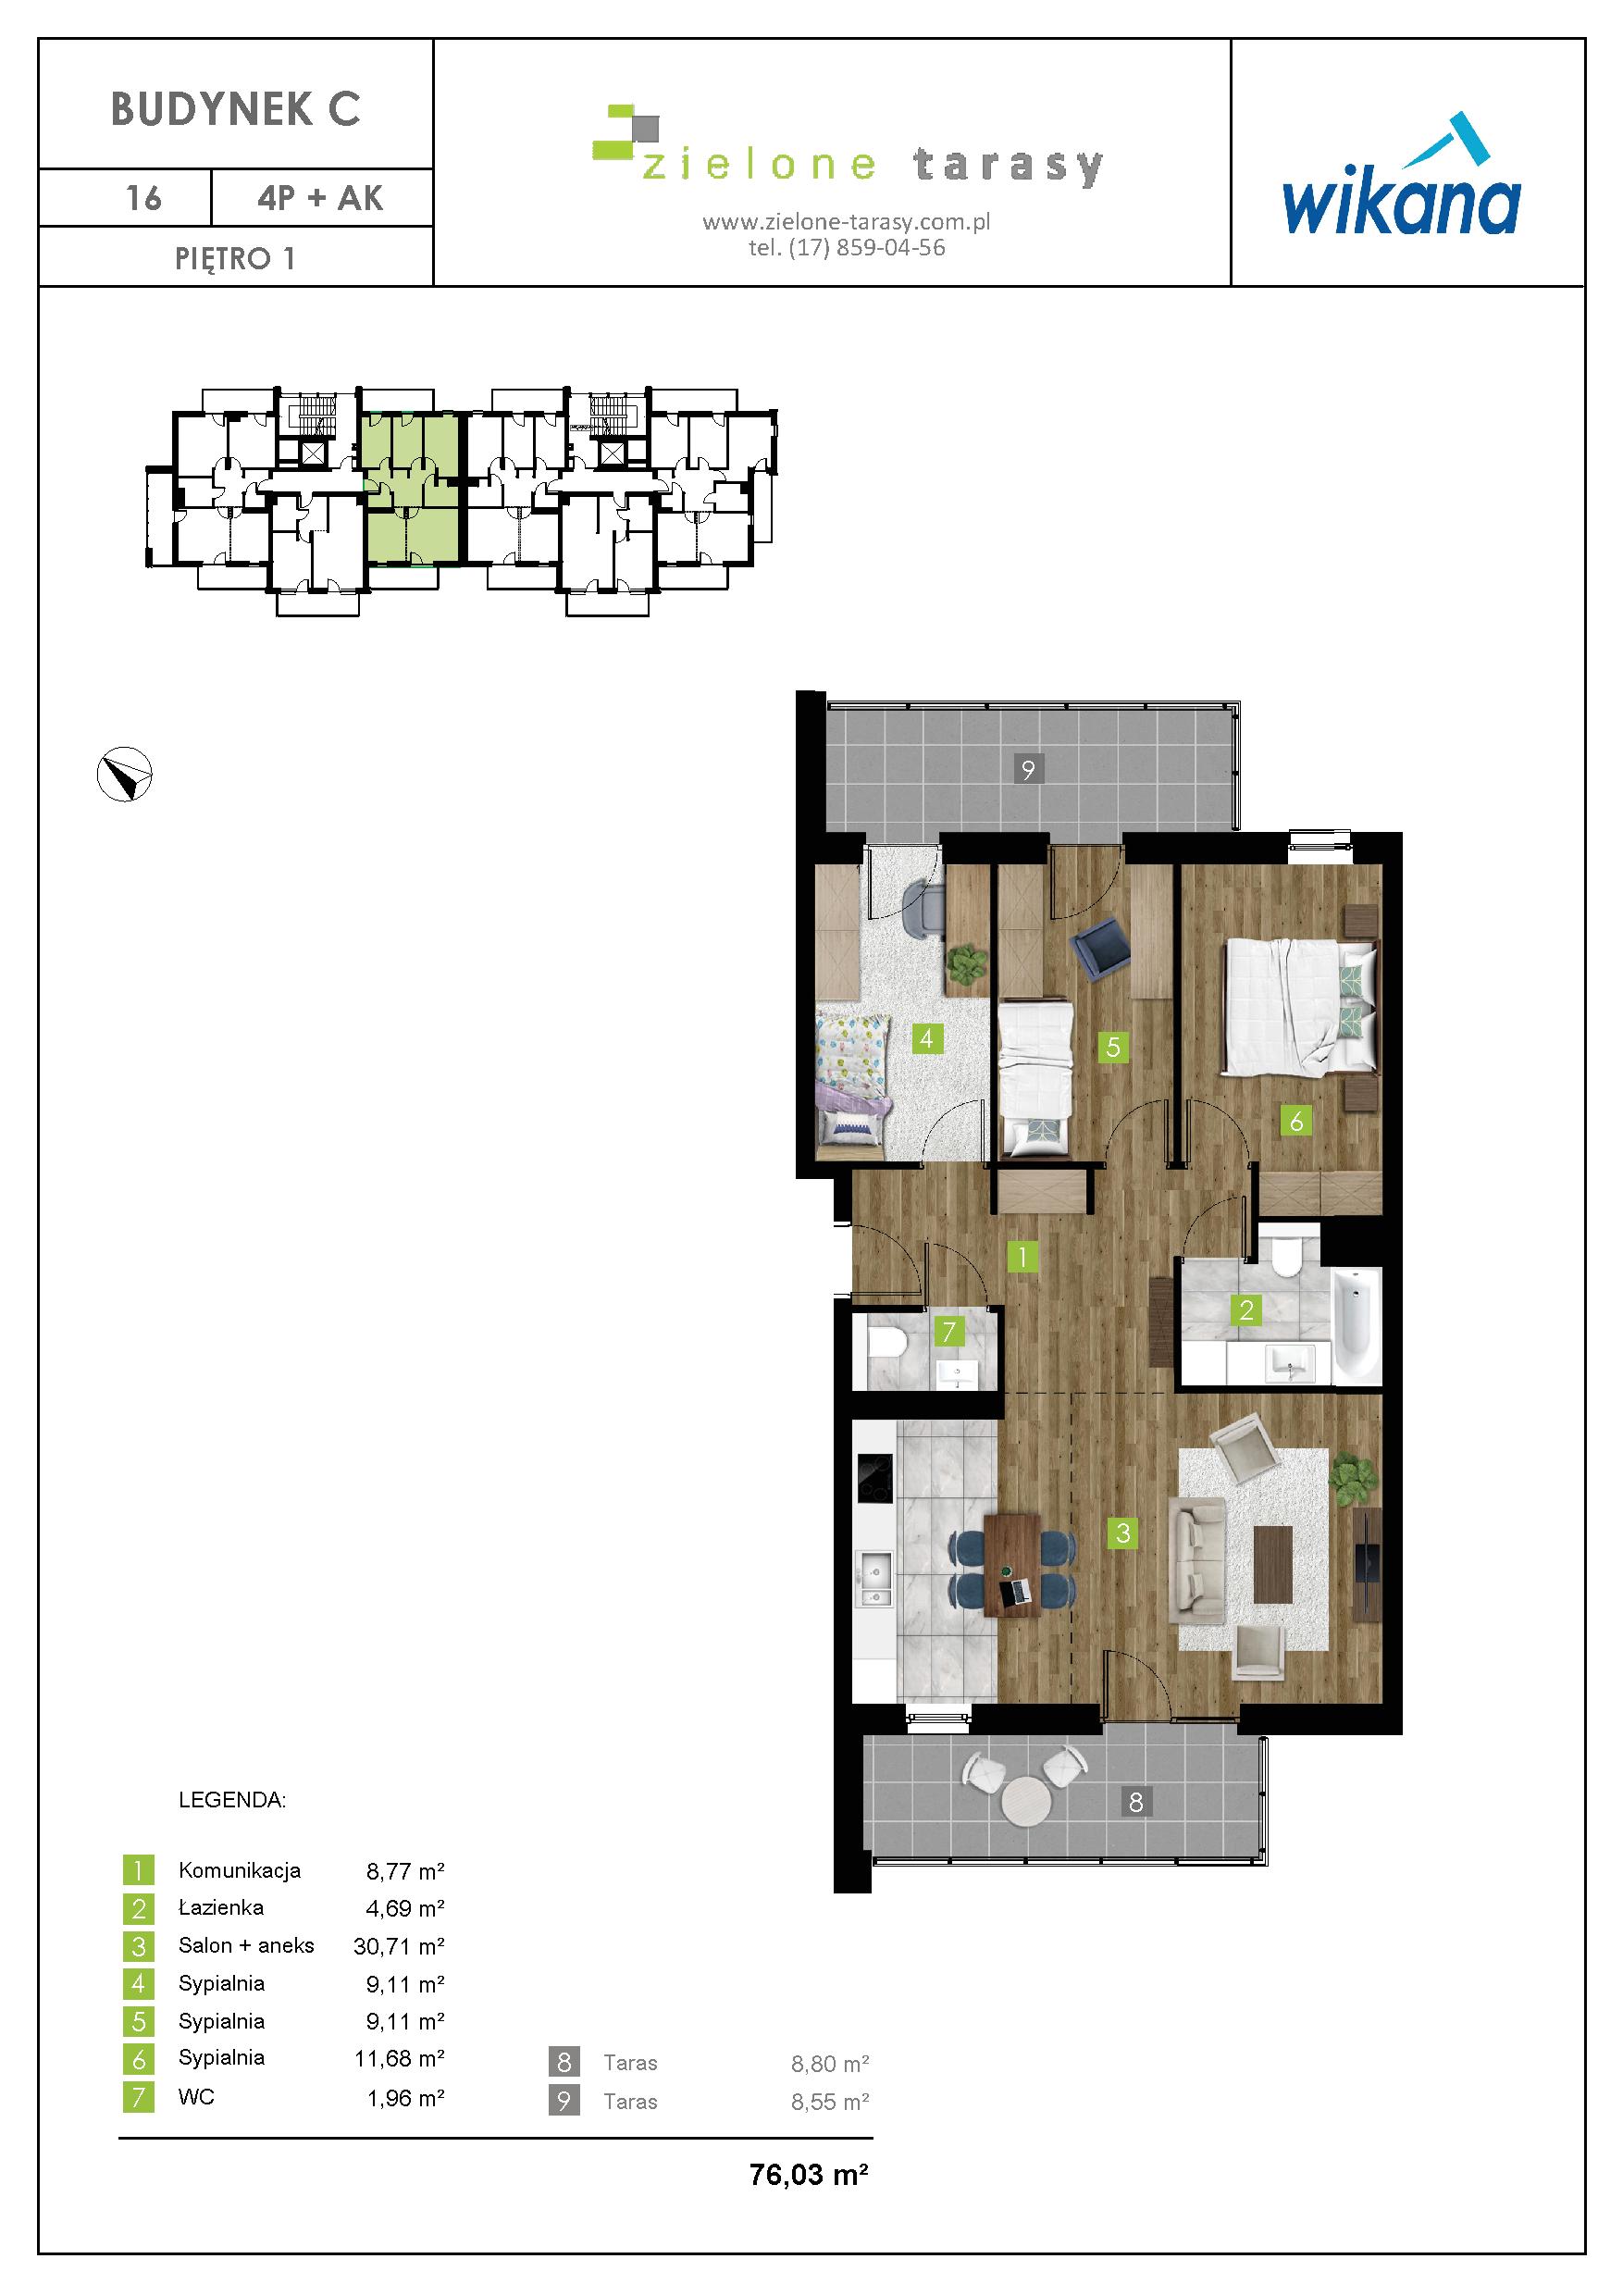 sprzedaż mieszkań rzeszów - C-16